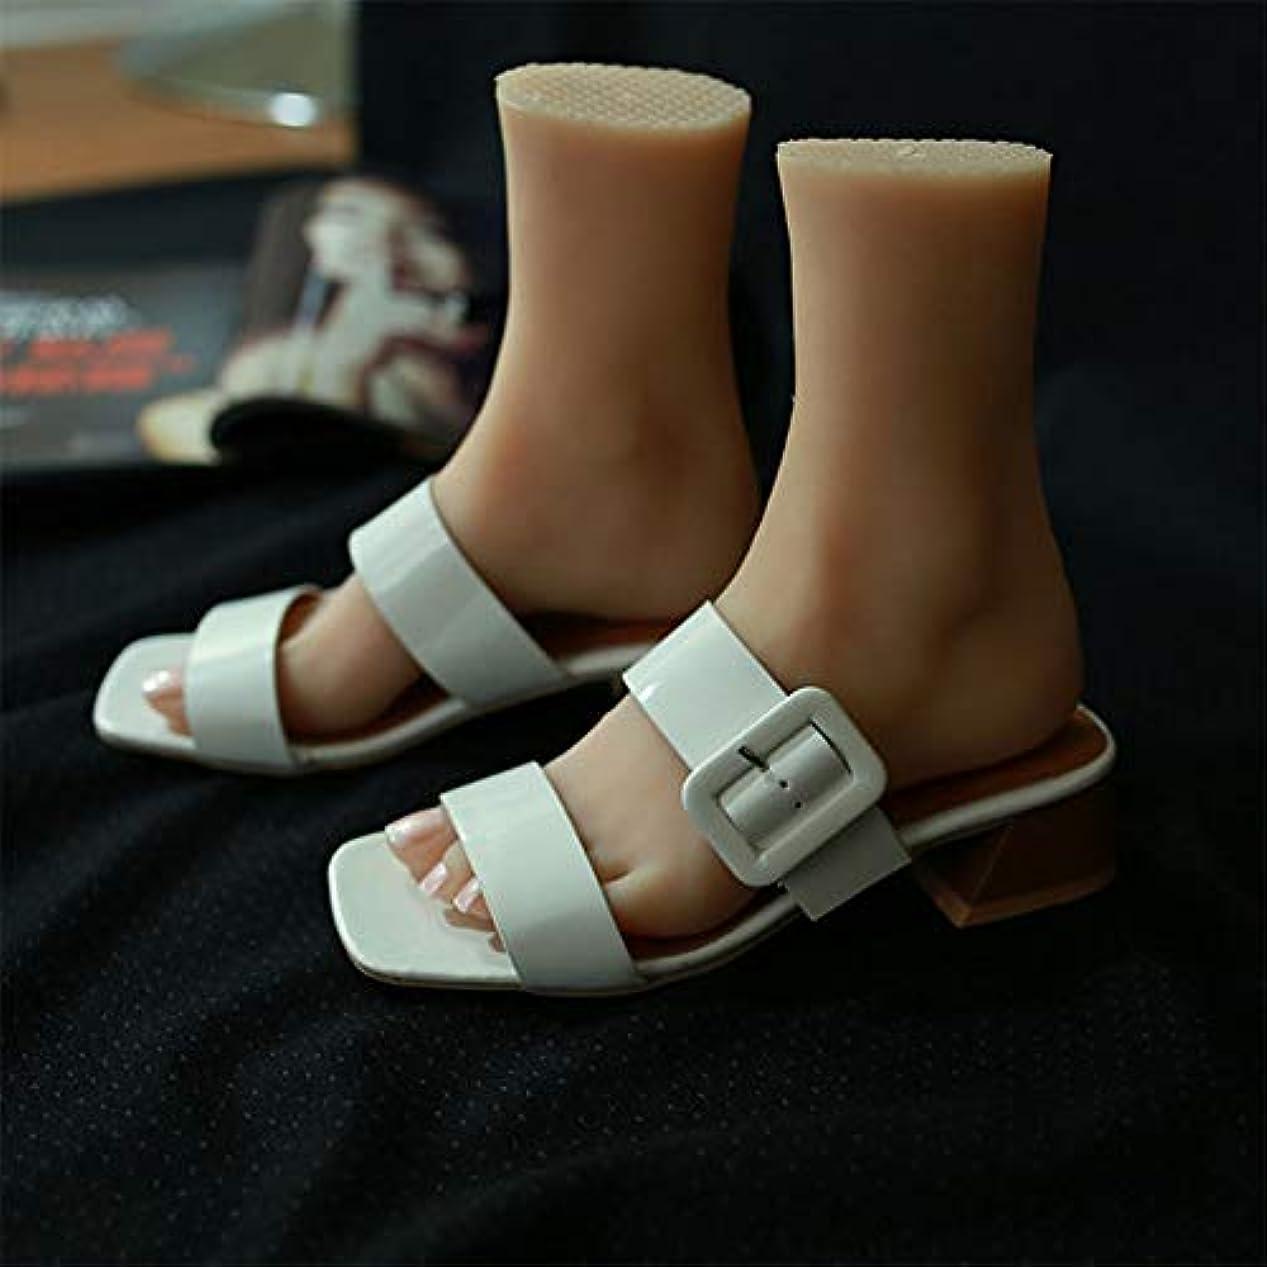 クックスタンド実験シリコーンライフサイズ子供マネキンの足1ペアJewerlyサンダル靴ソックスは、ネイルアートでスケッチを表示するディスプレイ